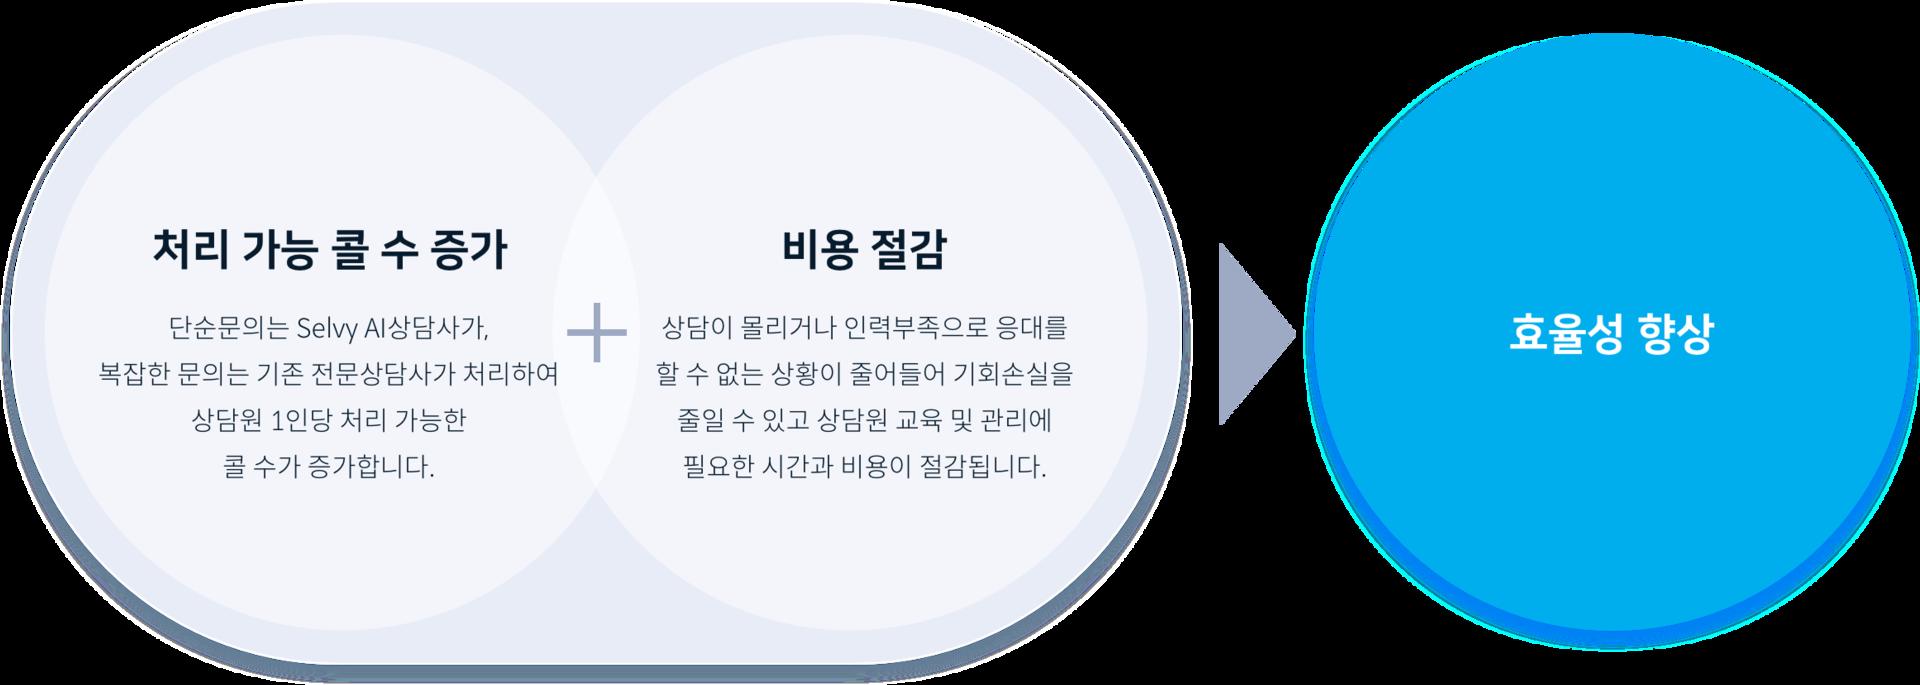 인공지능 컨택센터, 기대효과, 처리 가능 콜 수 증가, 비용 절감, 효율성 향상